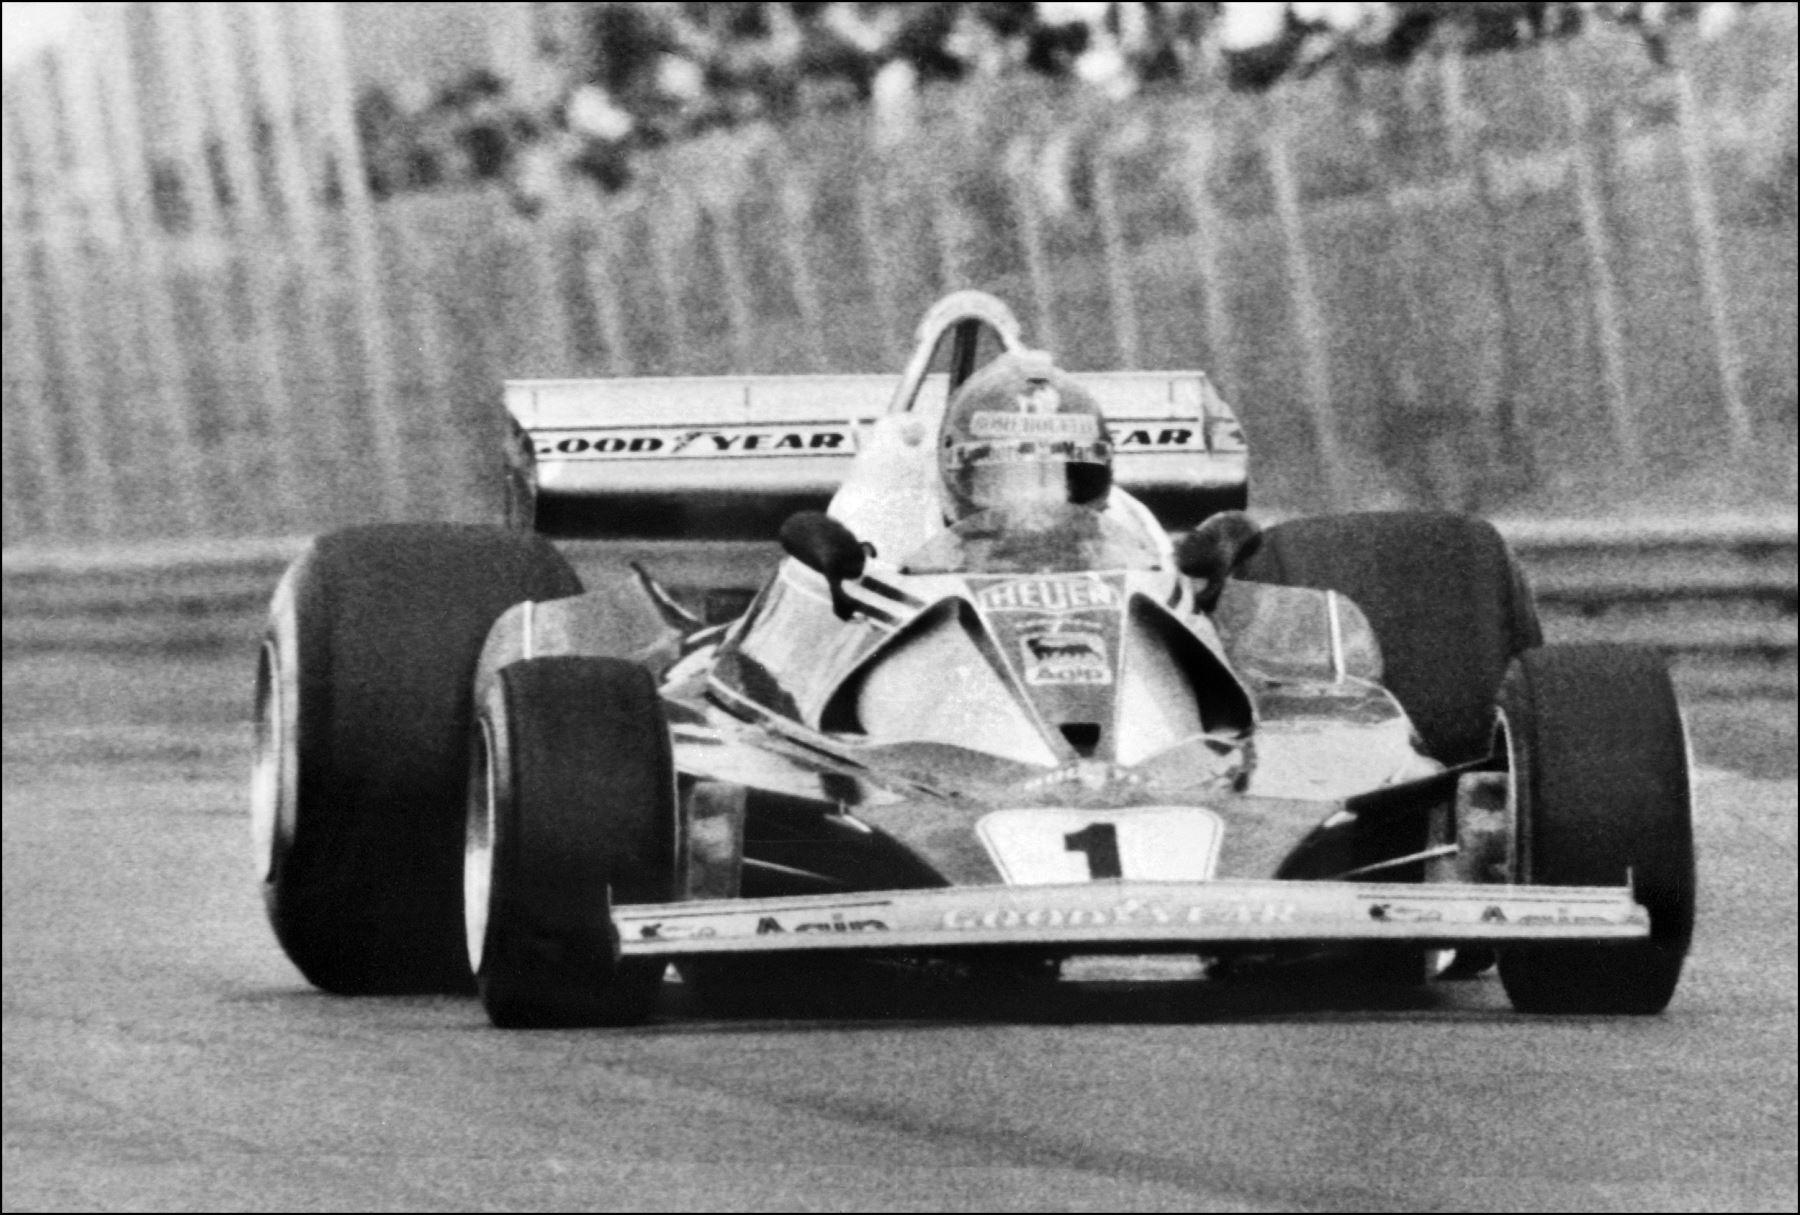 El 16 de mayo de 1976, Niki Lauda, de Austria, conduce su Ferrari en el circuito de Zolder en el Gran Premio de Bélgica de Fórmula 1 Foto: AFP